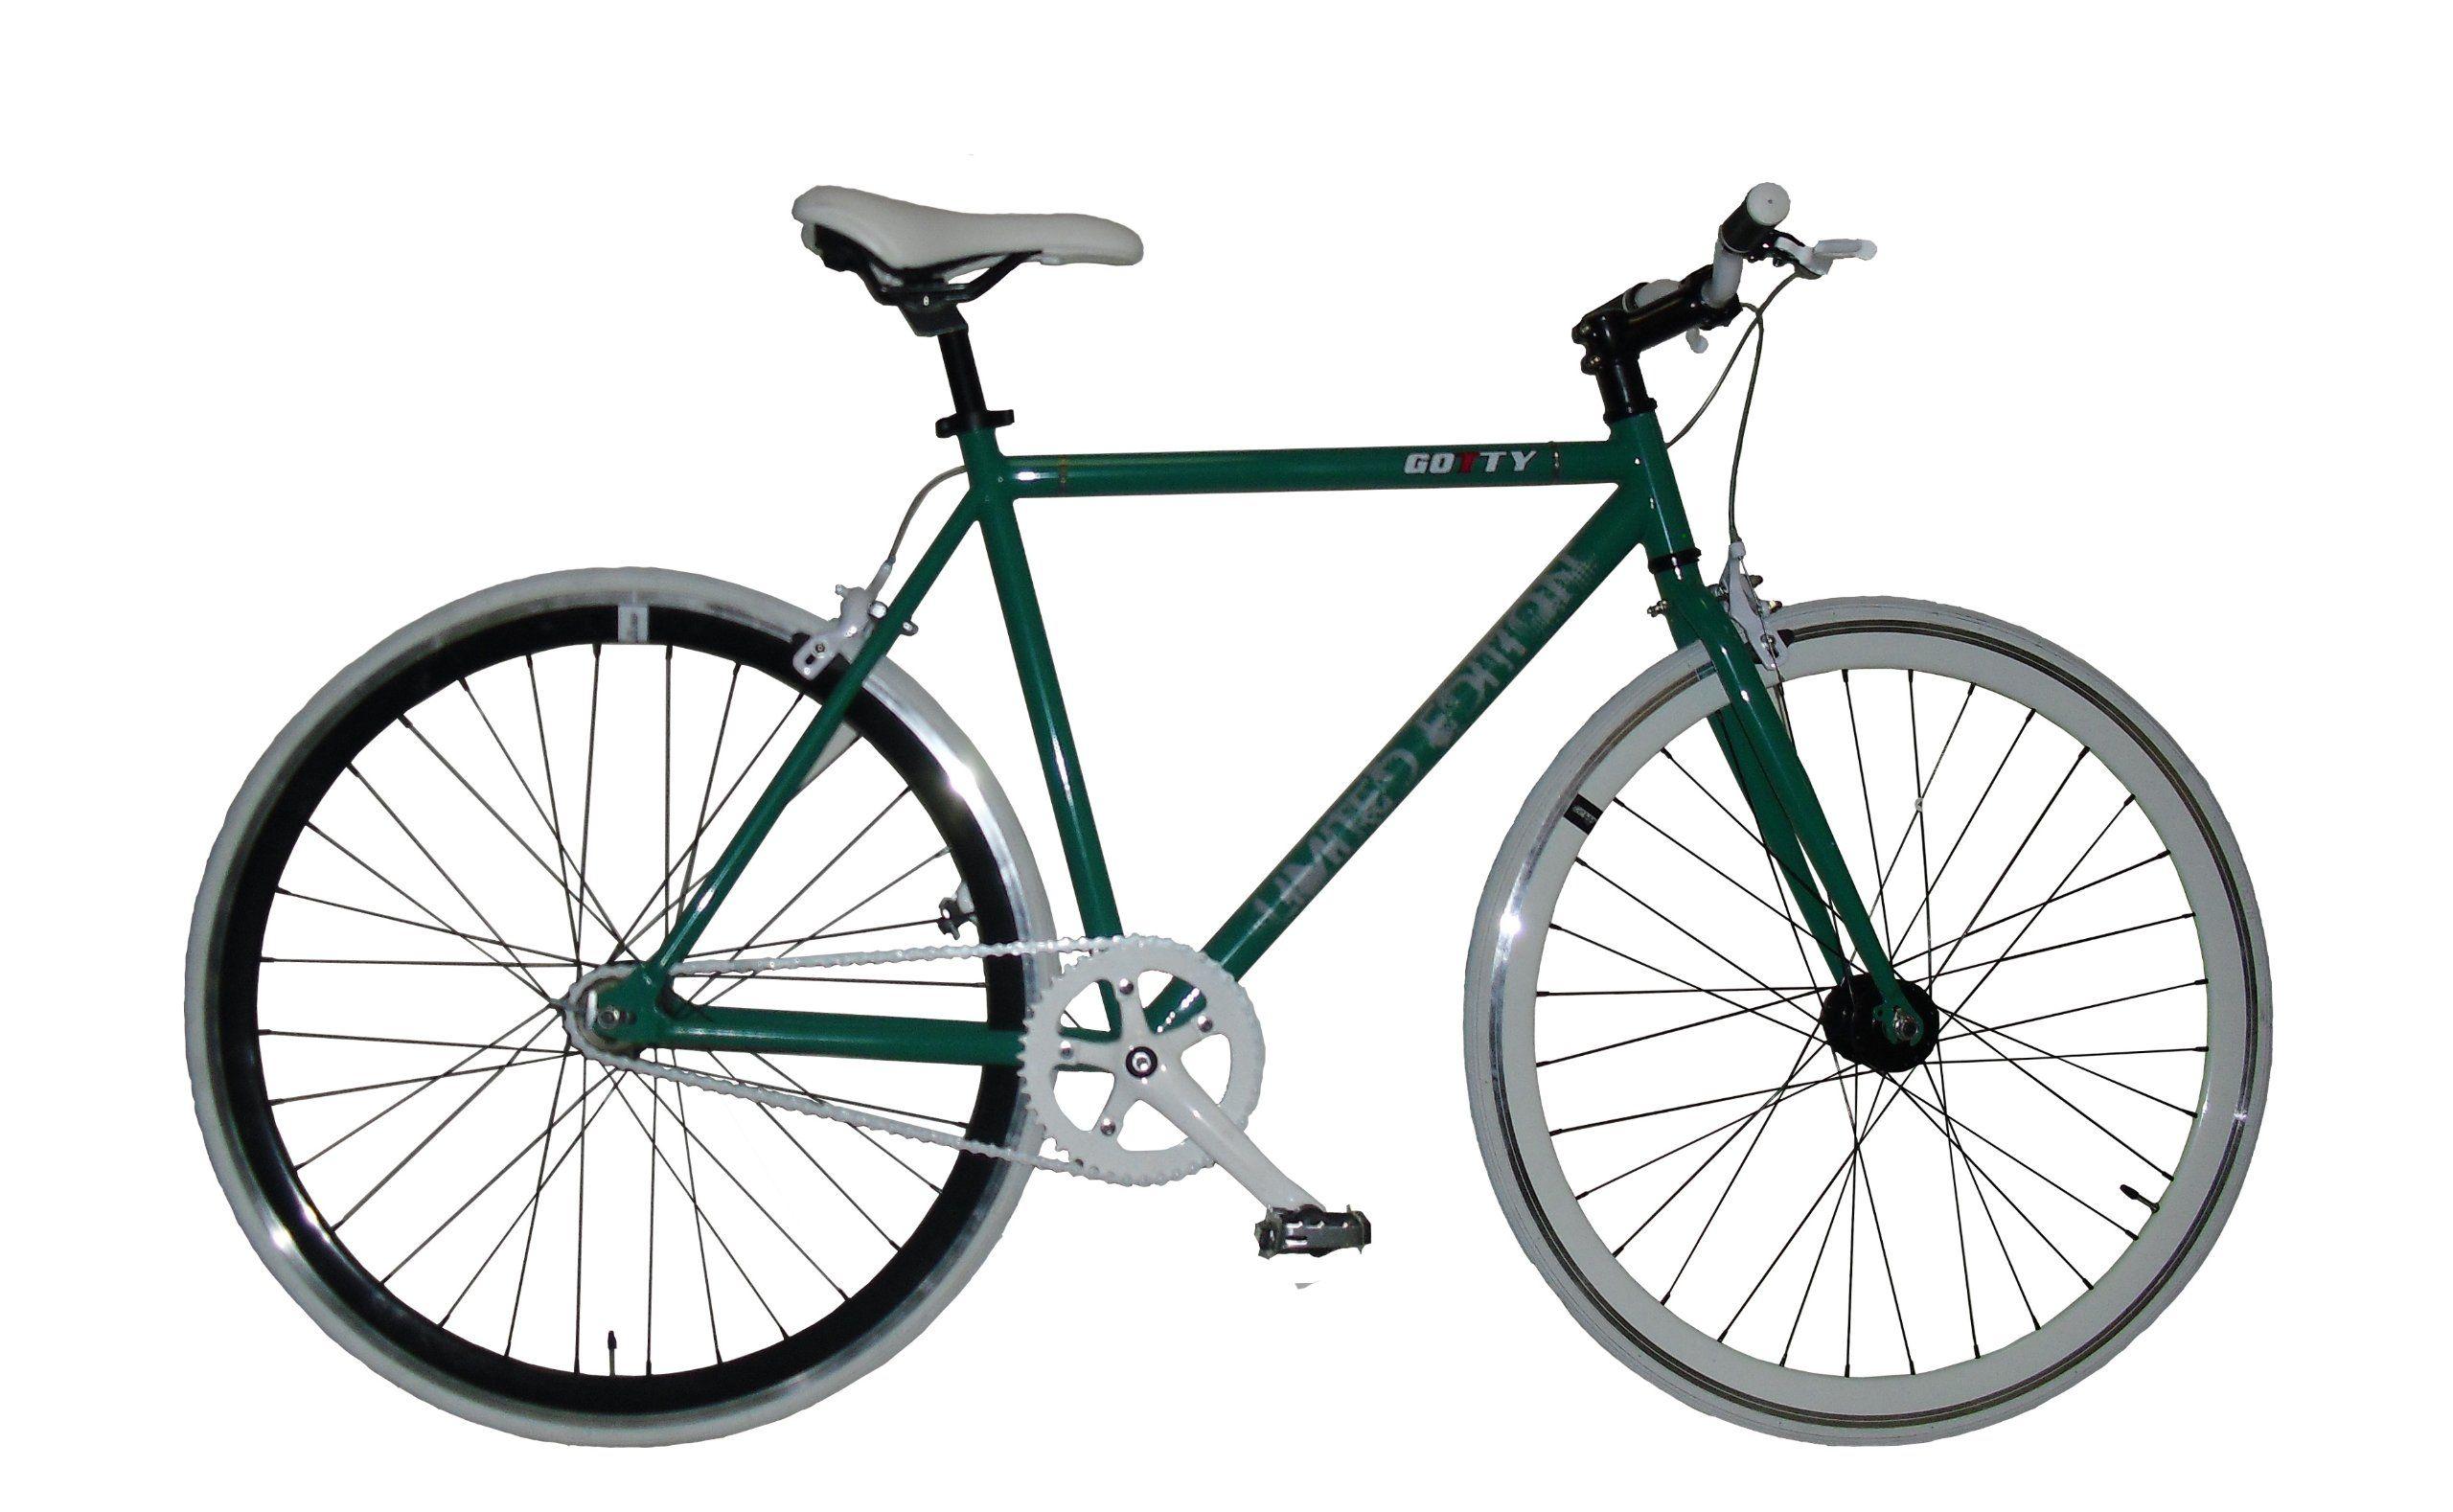 Bicicleta FIXIE Gotty FX-40, Cuadro Fixie Acero 28\